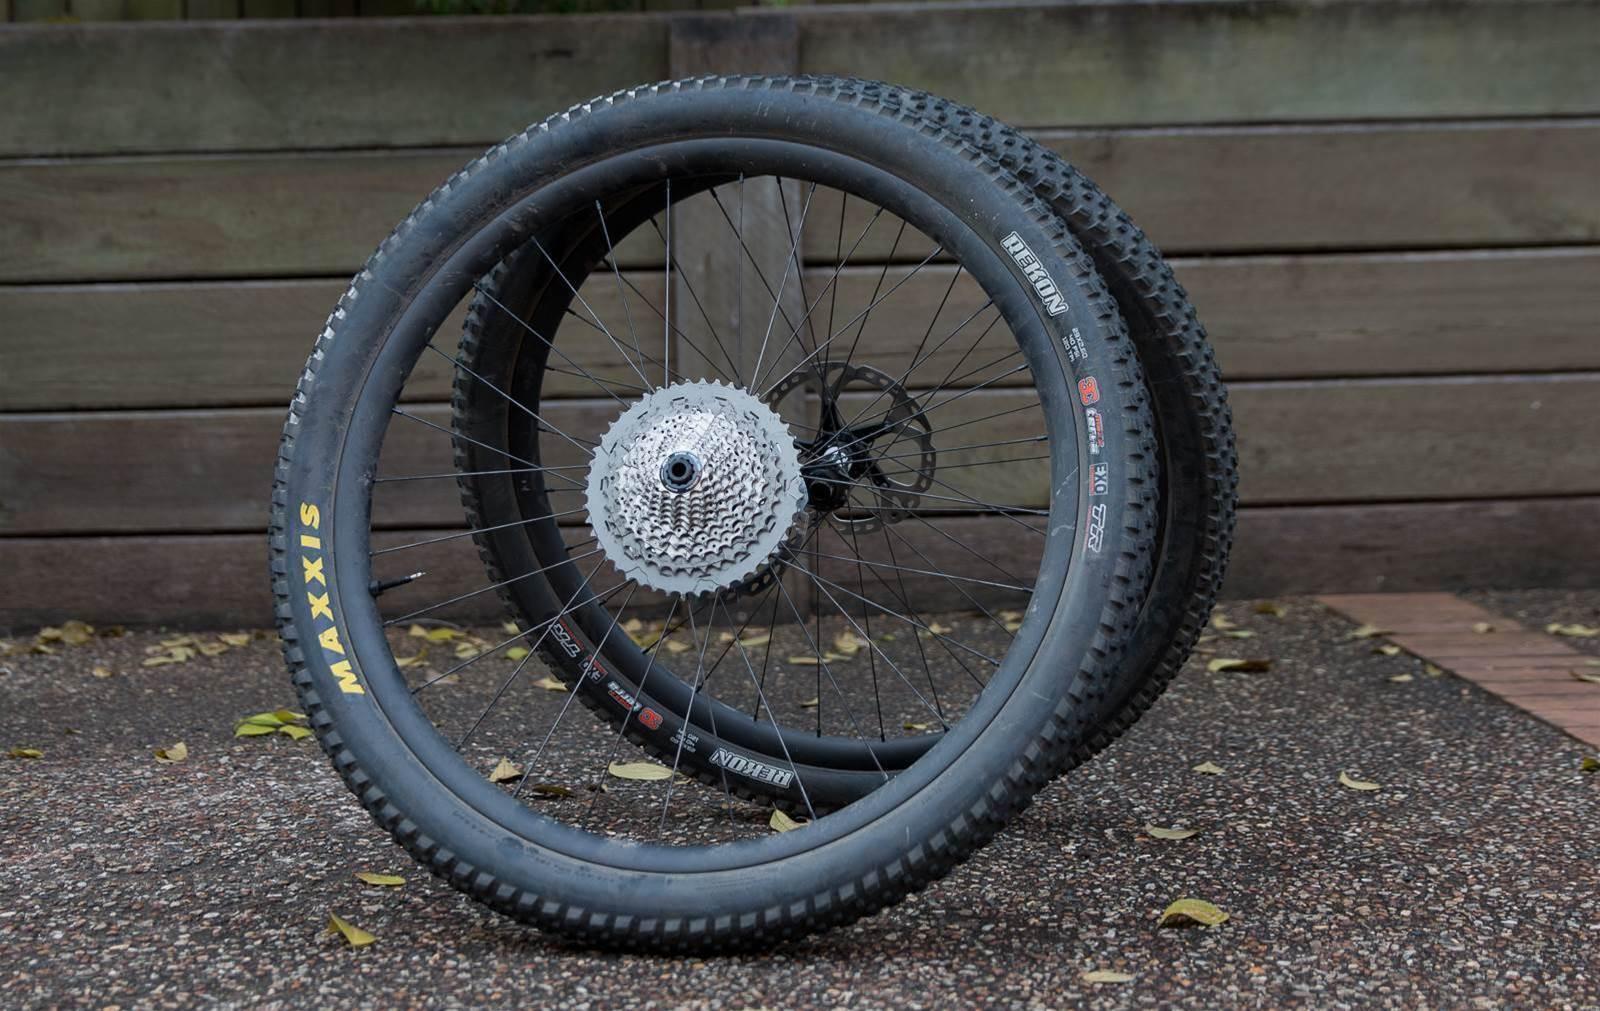 EIE Carbon wheels